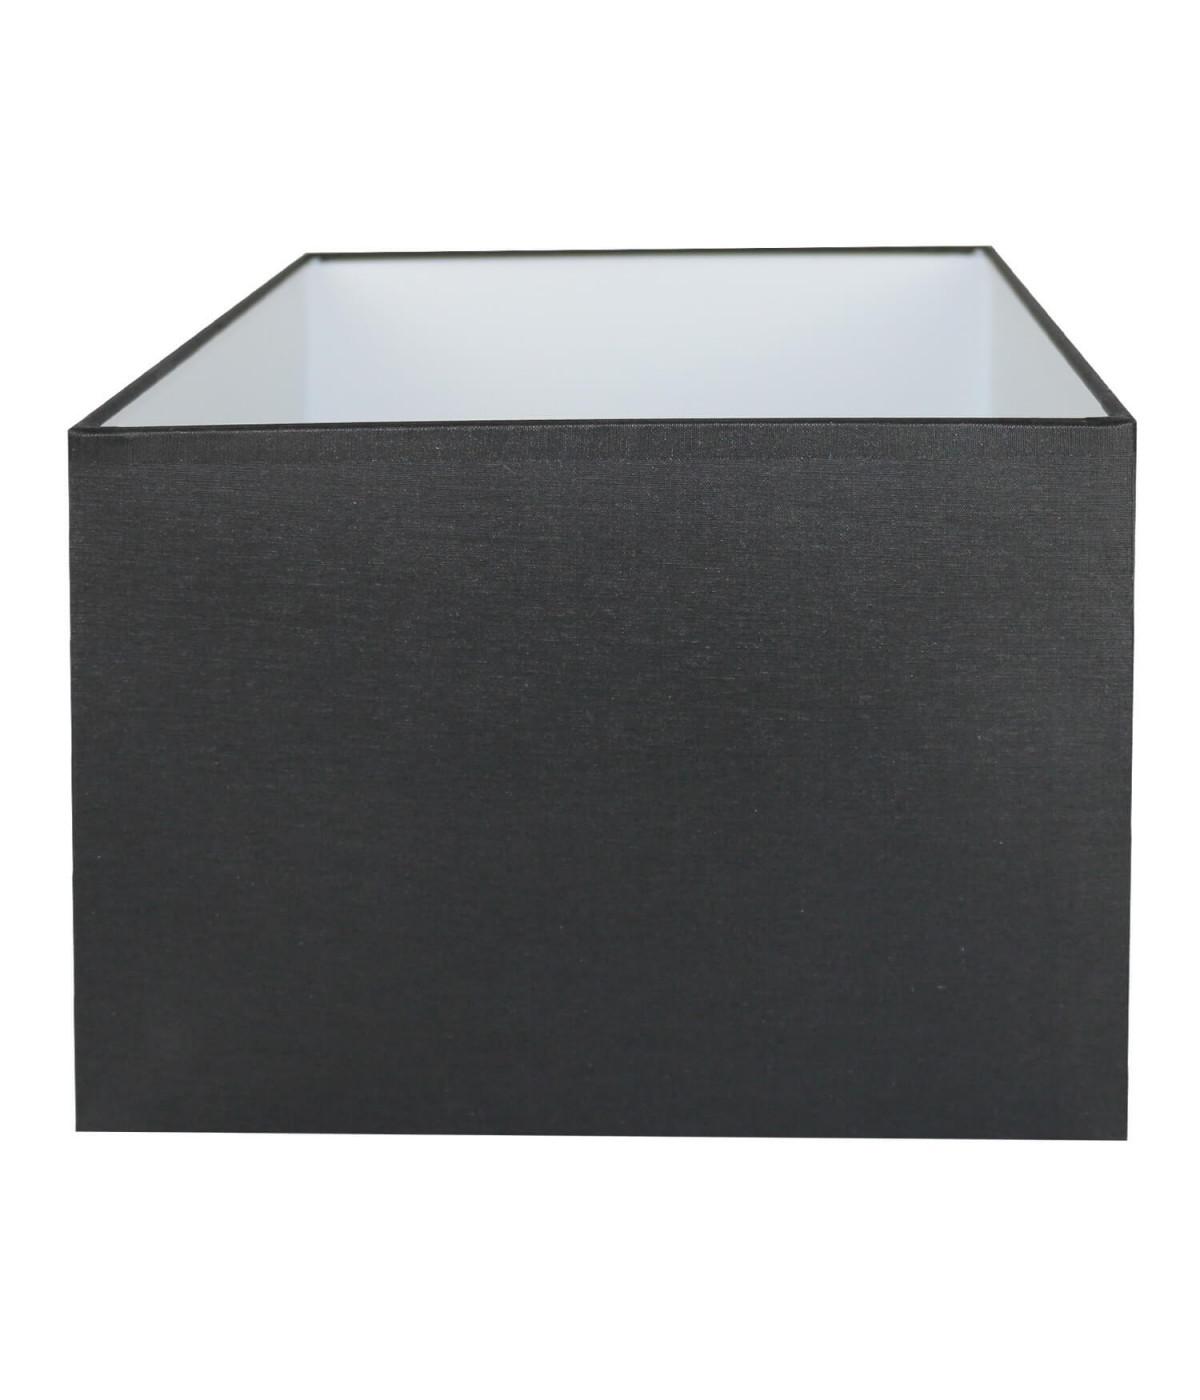 Abat-jour rectangle Noir